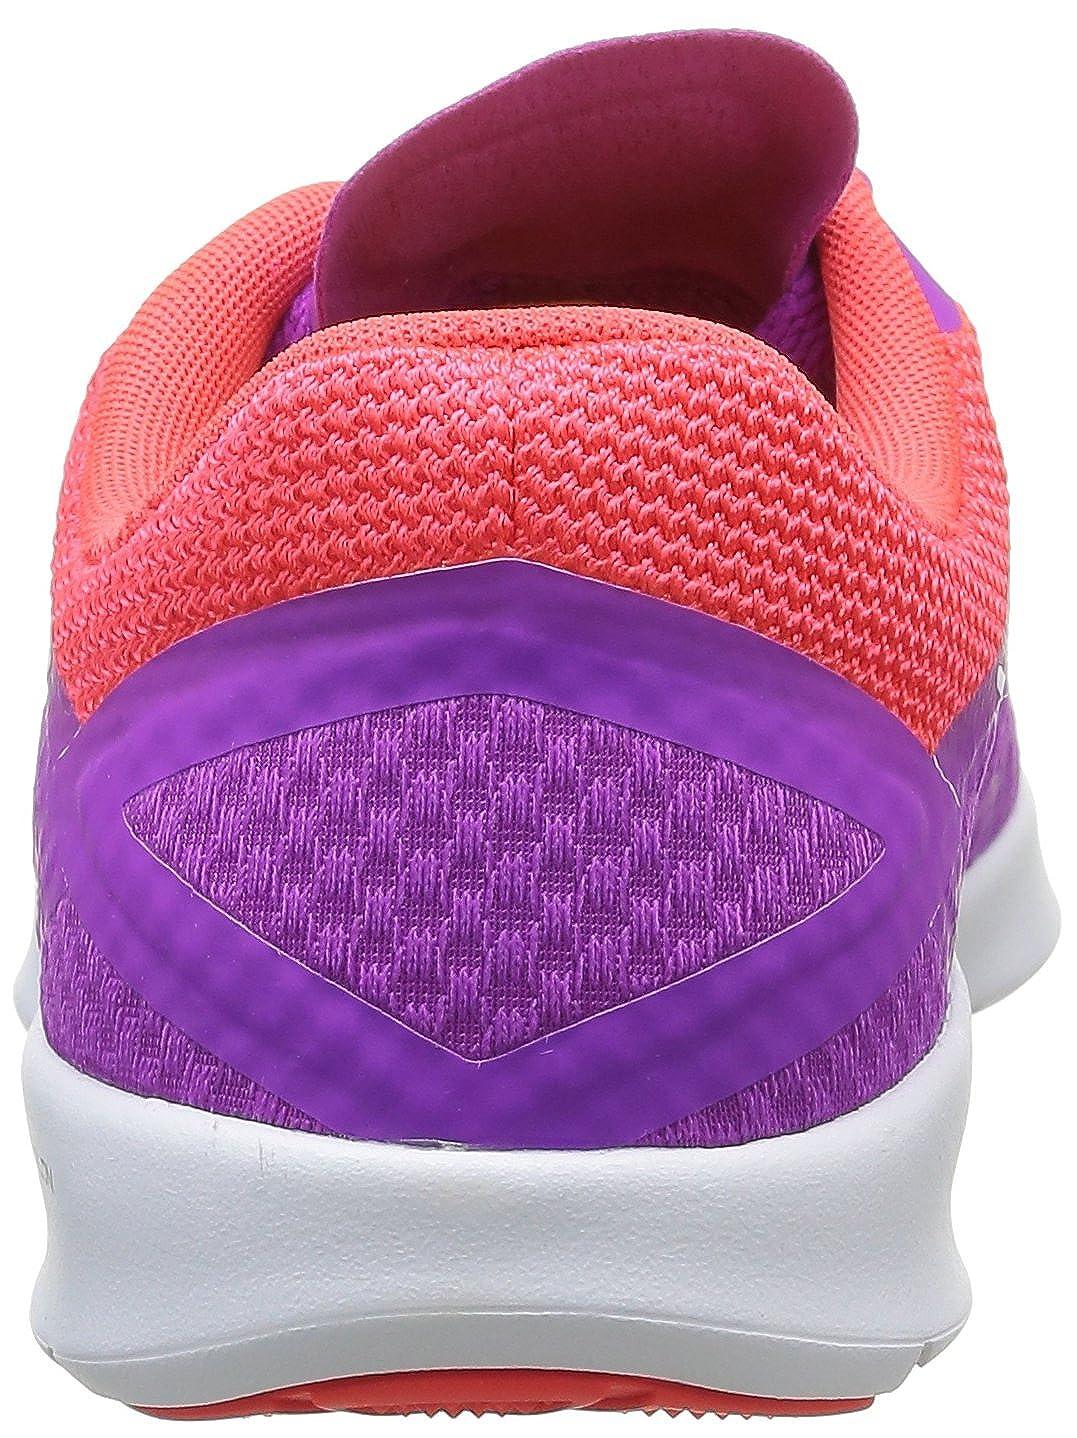 Nike Damen Lunar Lunar Lunar Lux Tr Turnschuhe 8f7d57